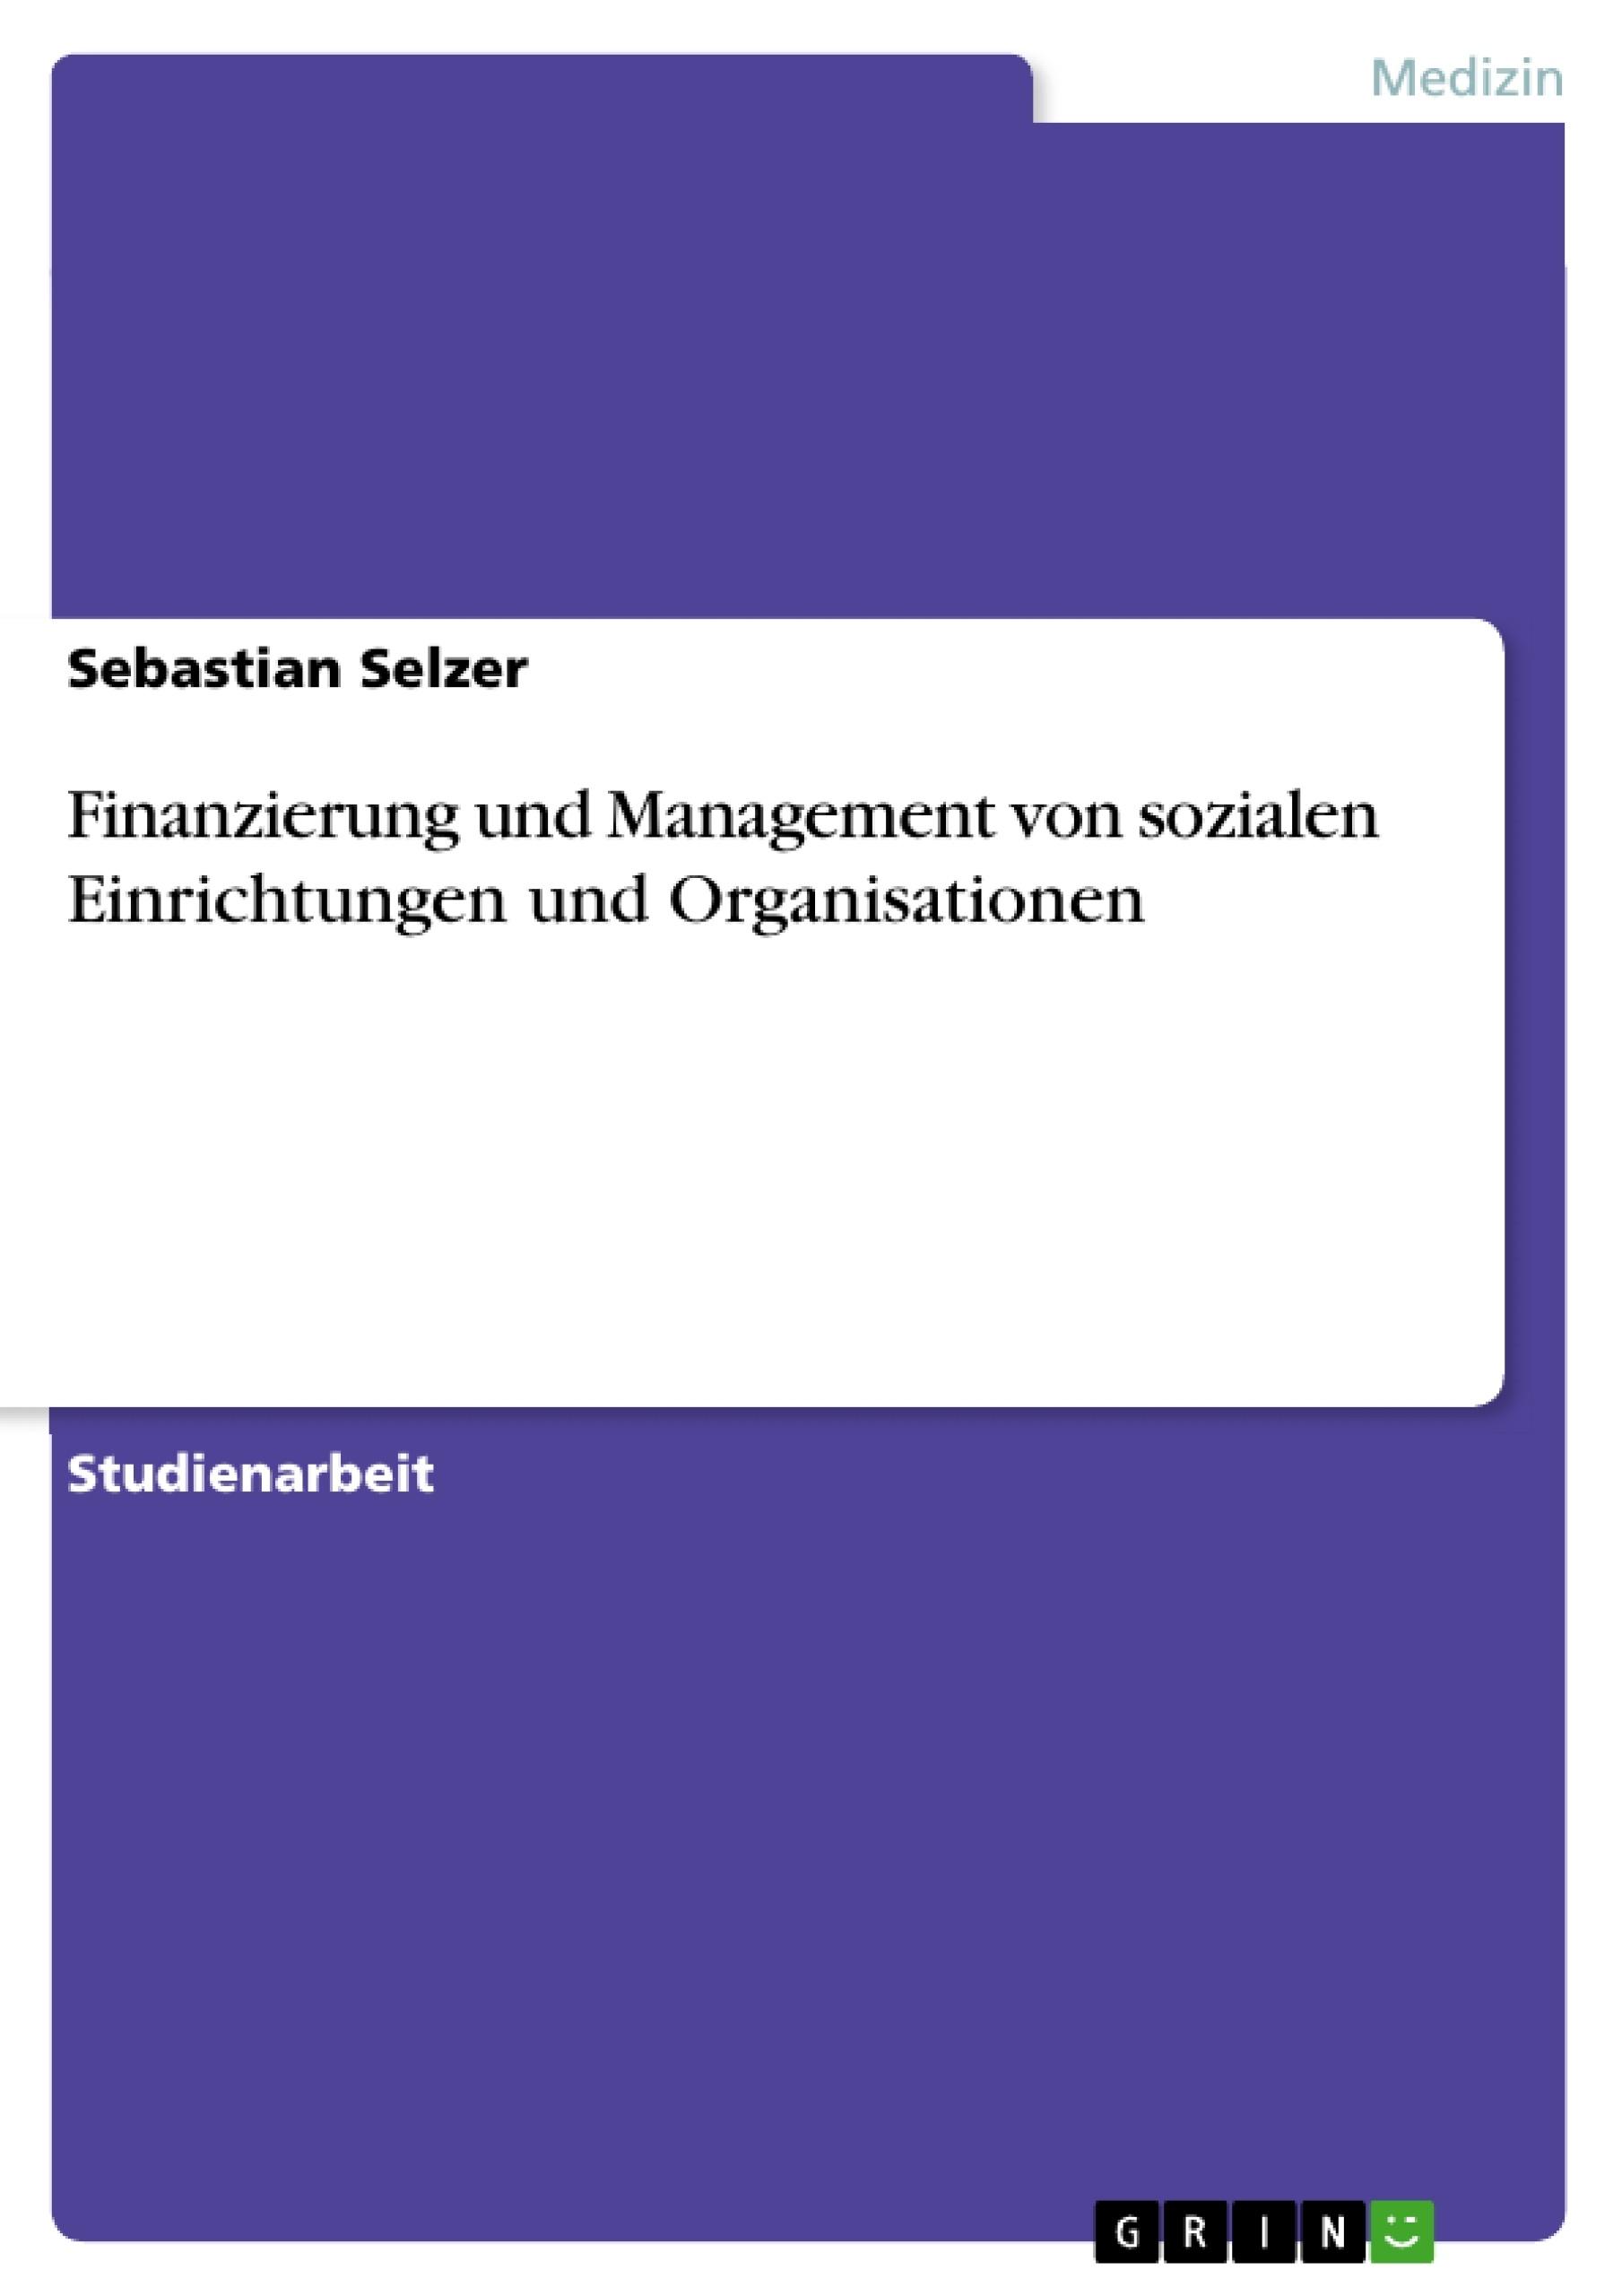 Titel: Finanzierung und Management von sozialen Einrichtungen und Organisationen